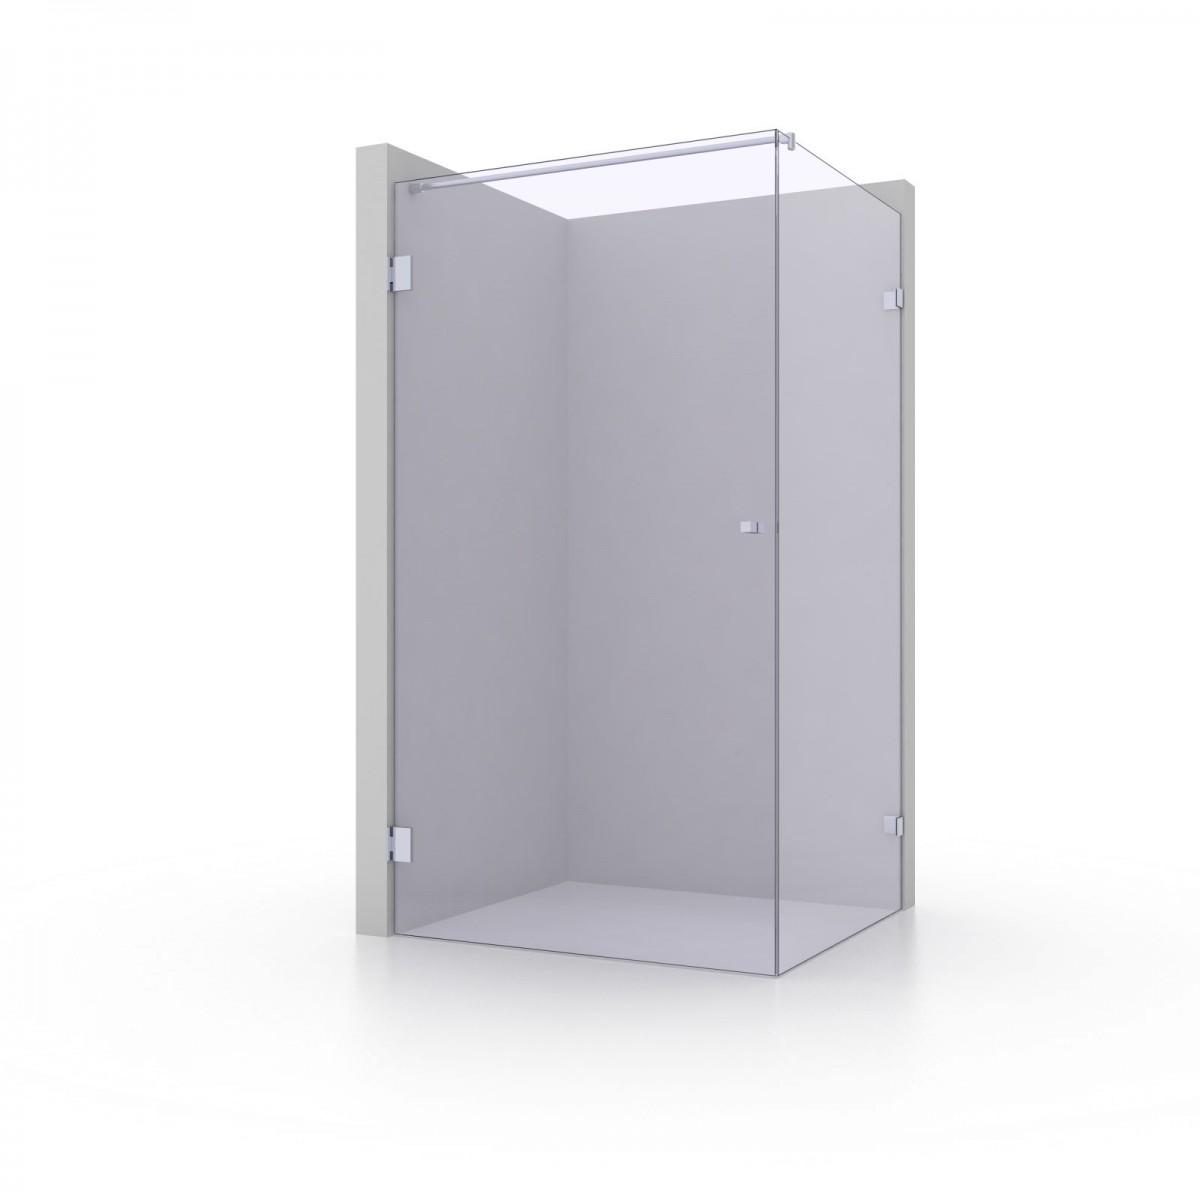 Rahmenlose Eck-Dusche mit einem Türflügel/Türanschlag